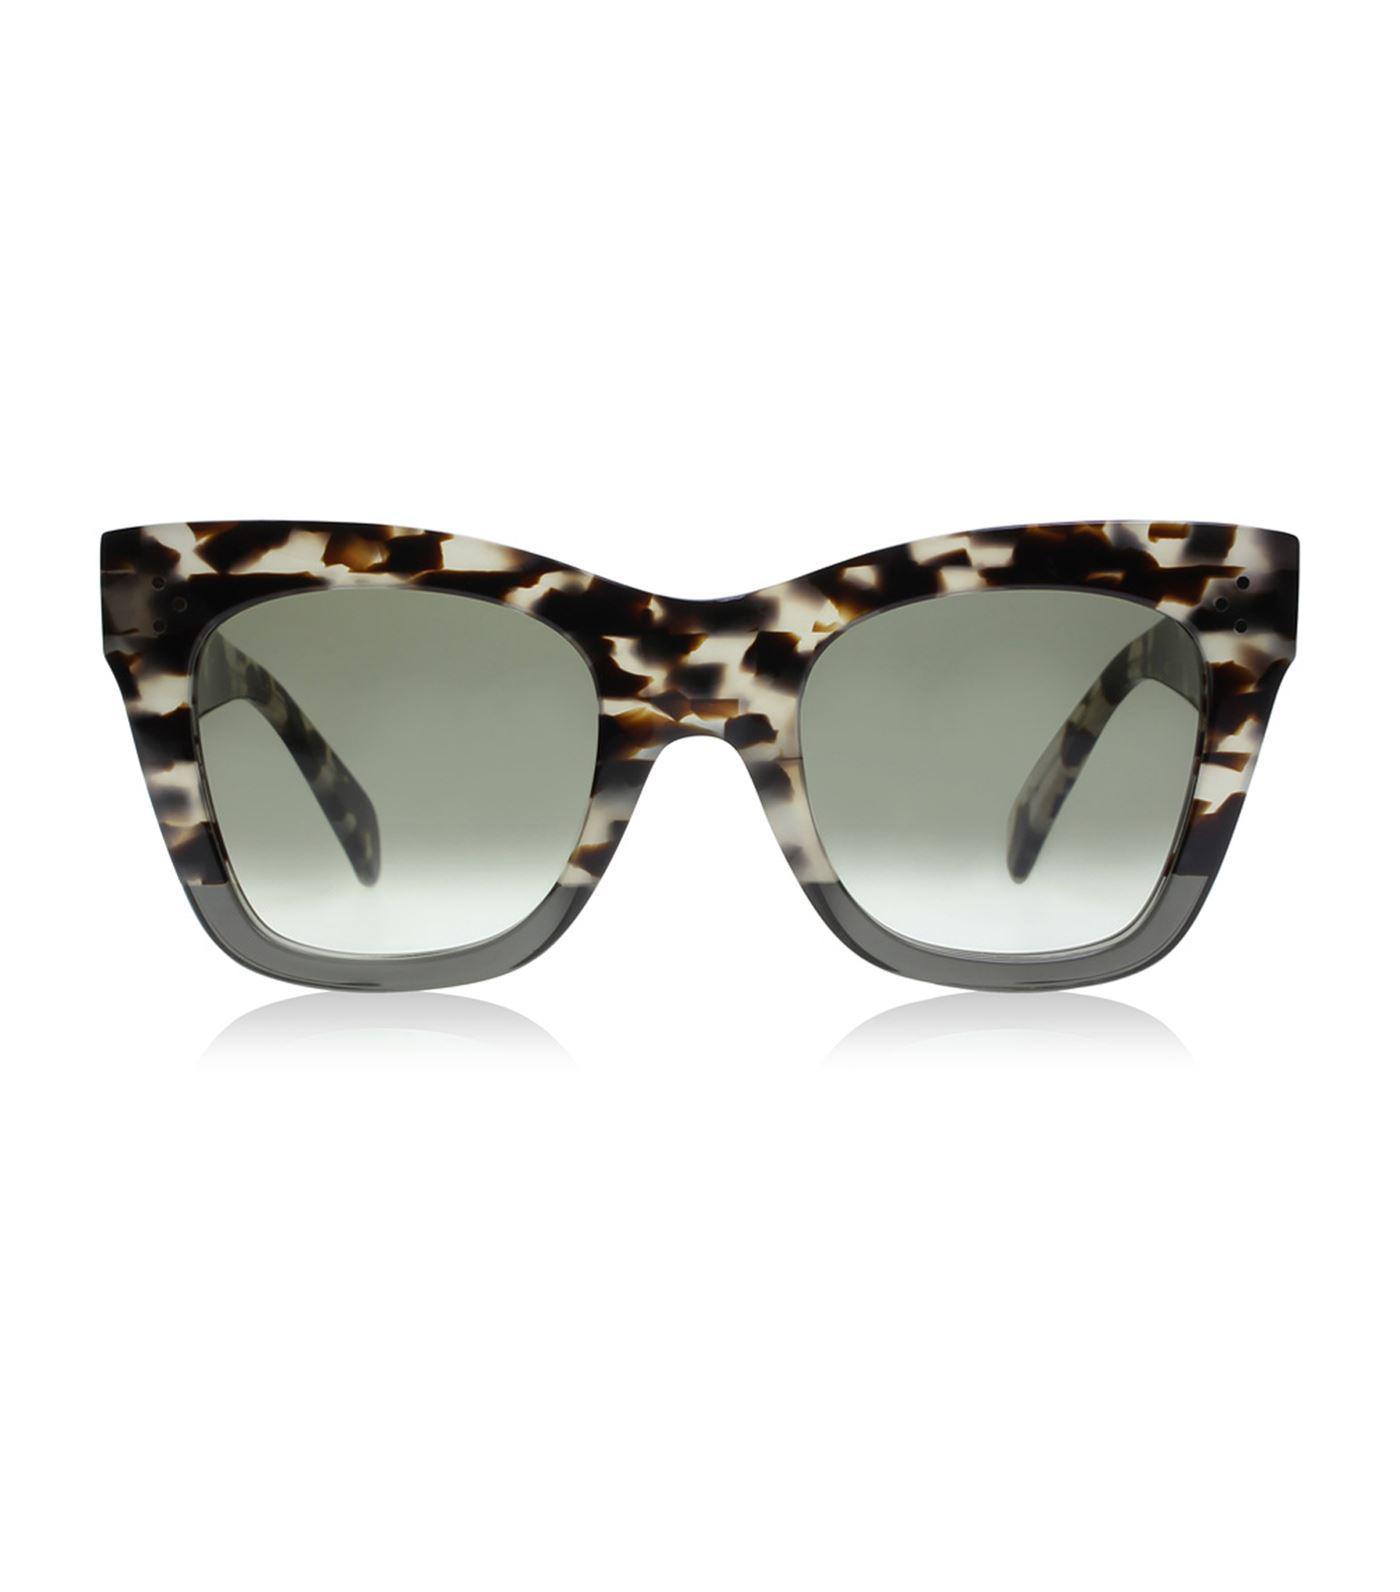 ce542ee4b0 Celine Catherine Sunglasses Large